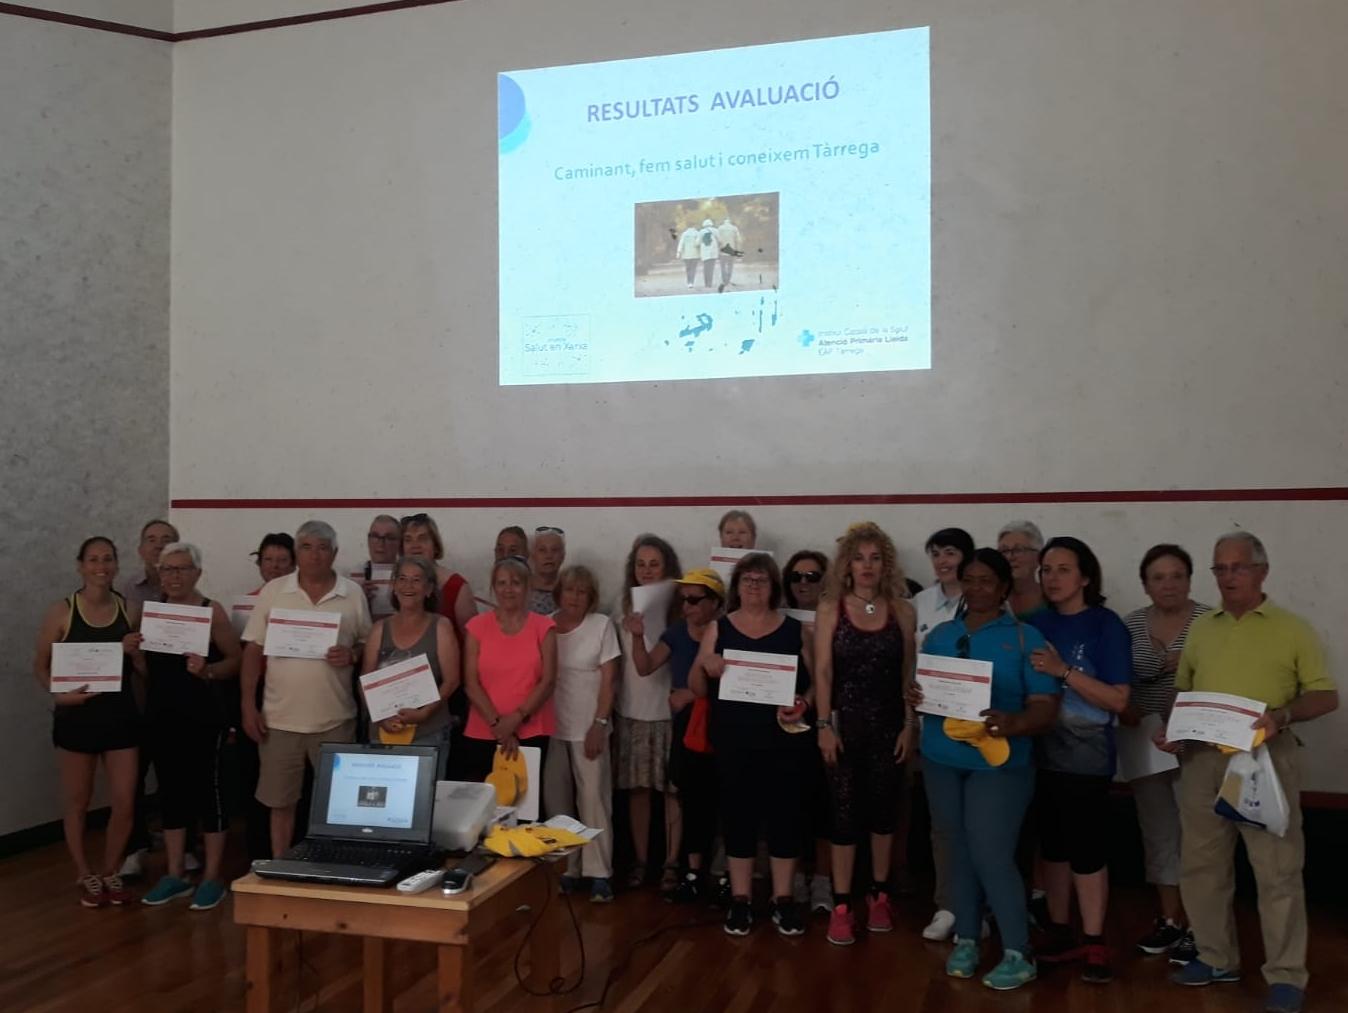 """Més de 80 persones participen en la 1a edició del programa """"Caminant, fem salut i coneixem Tàrrega"""""""